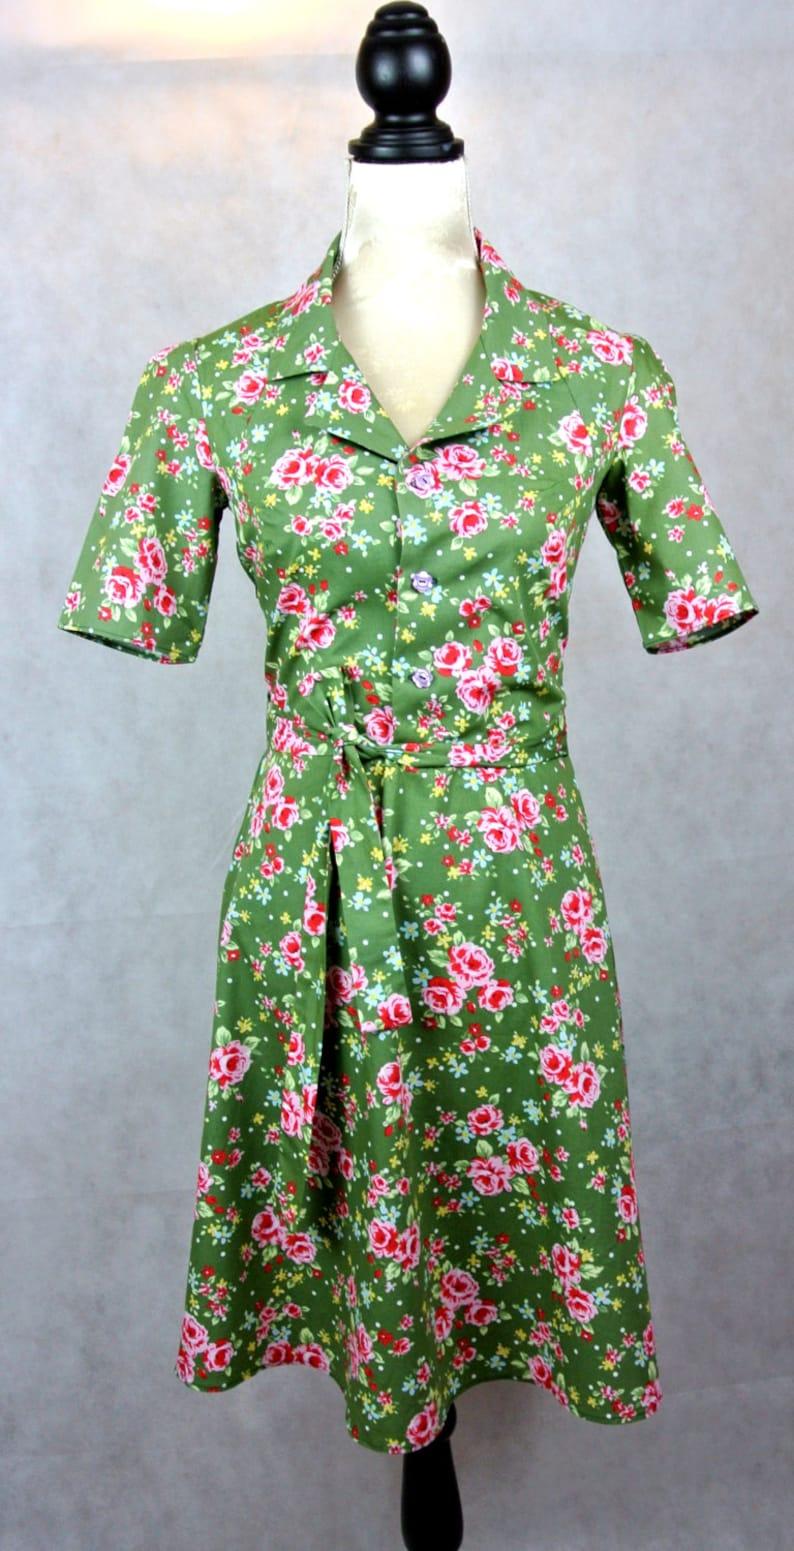 822a1059f Vestido de camisa impresión floral de estilo de la década de 1940 en una  variedad de colores